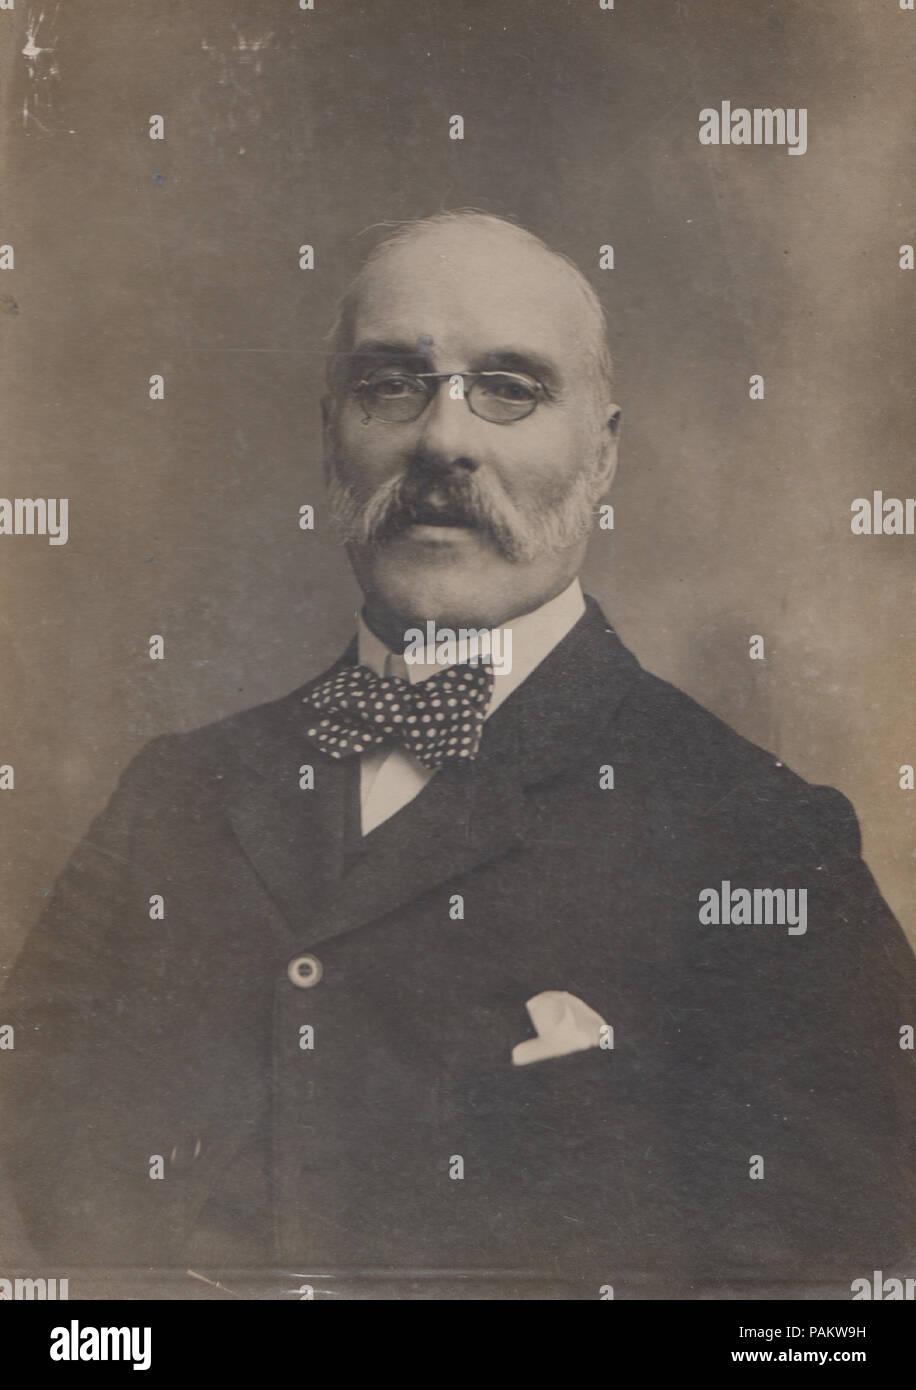 Kabinett Karte eines viktorianischen Mann namens John Stokes, Drucker und Buchbinder bei 81&82 George Street, Newport, Monmouthshire Stockfoto